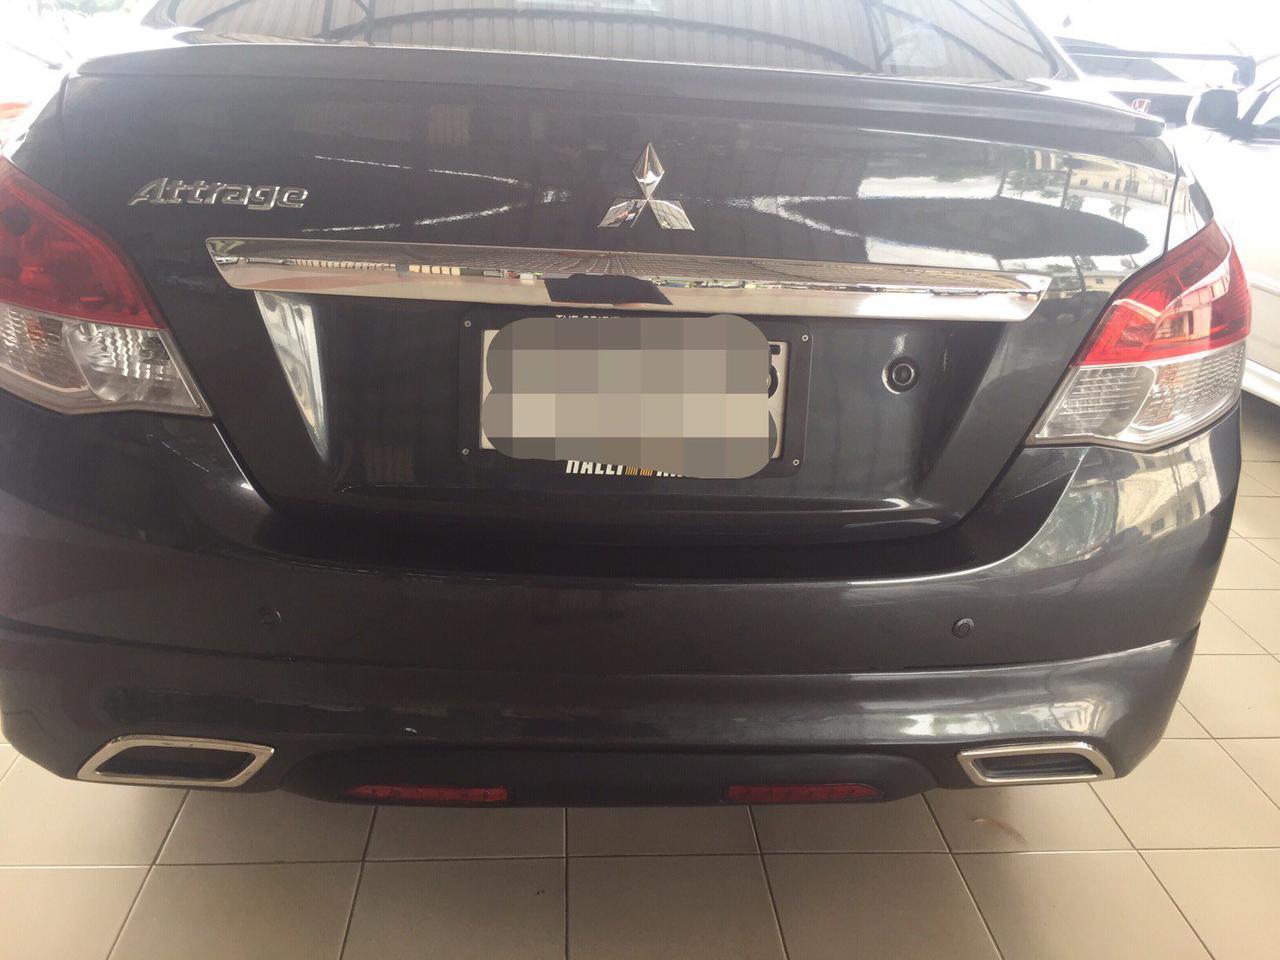 ขายรถรถเก๋ง Mitsubishi Attrage 1.2 GLS Auto จังหวัดอุบลราชธานี รูปที่ 2